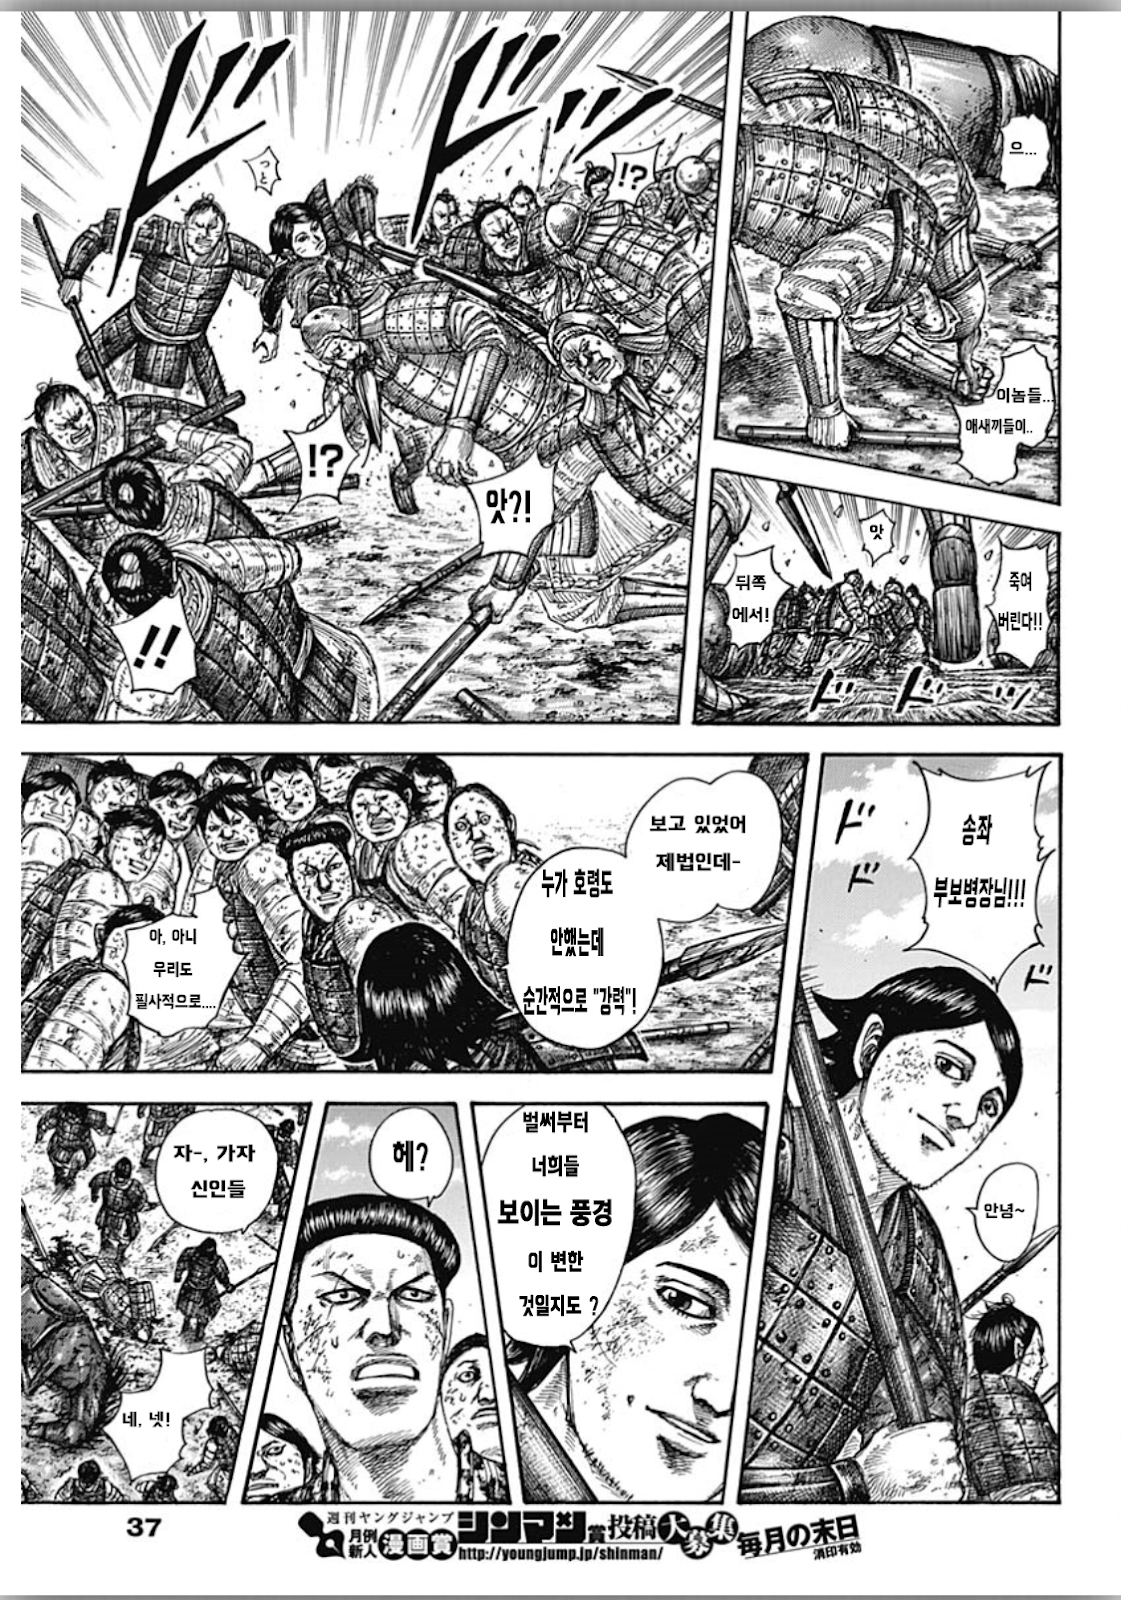 킹덤 581화 번역